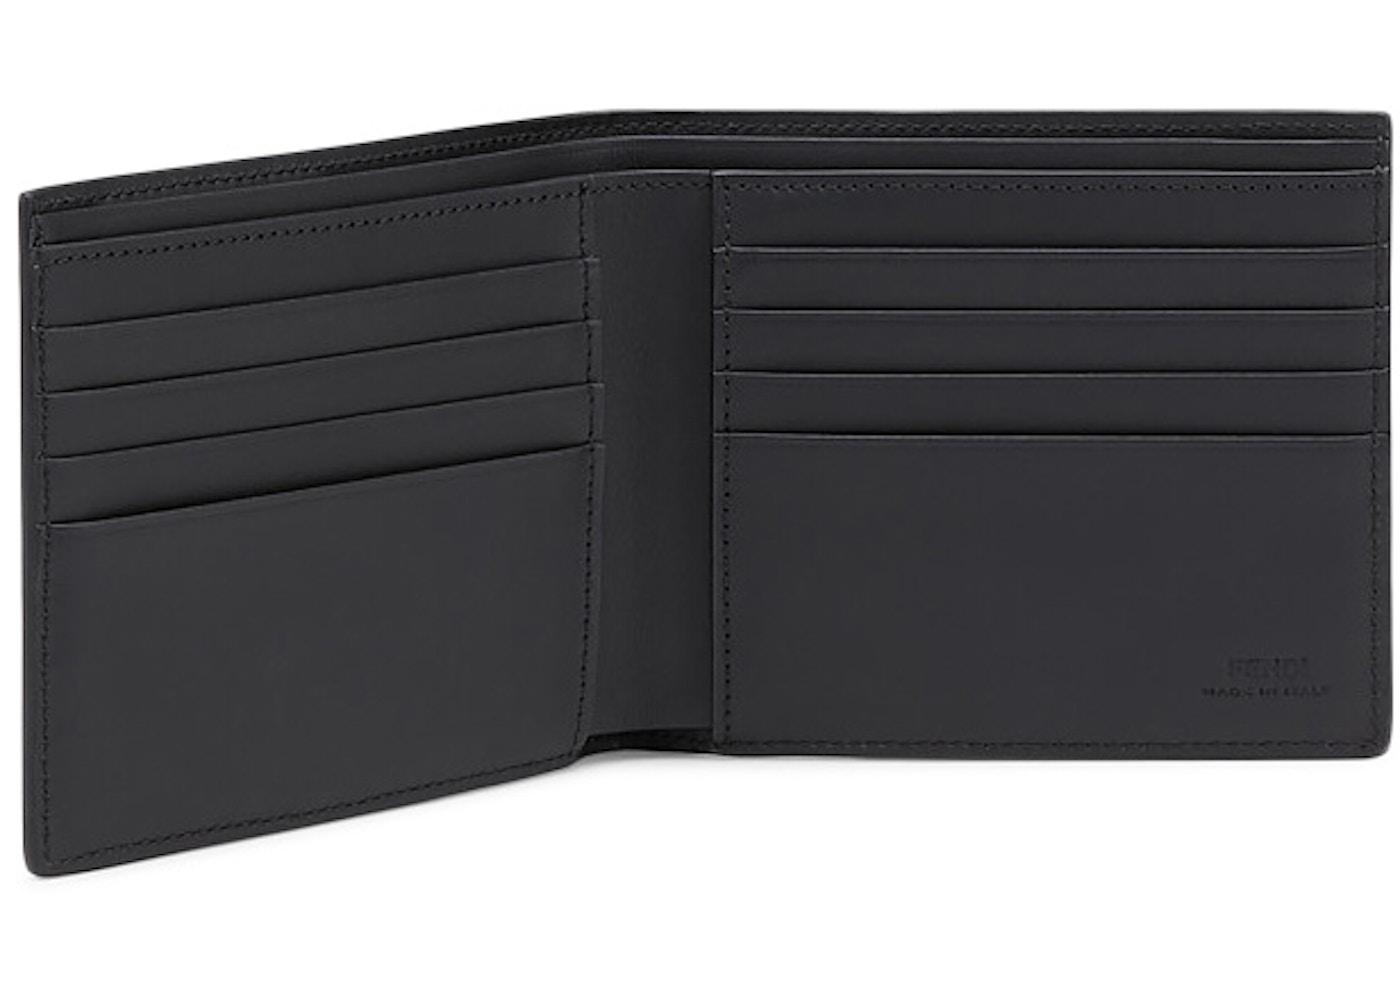 06a989e4 Buy & Sell Luxury Handbags